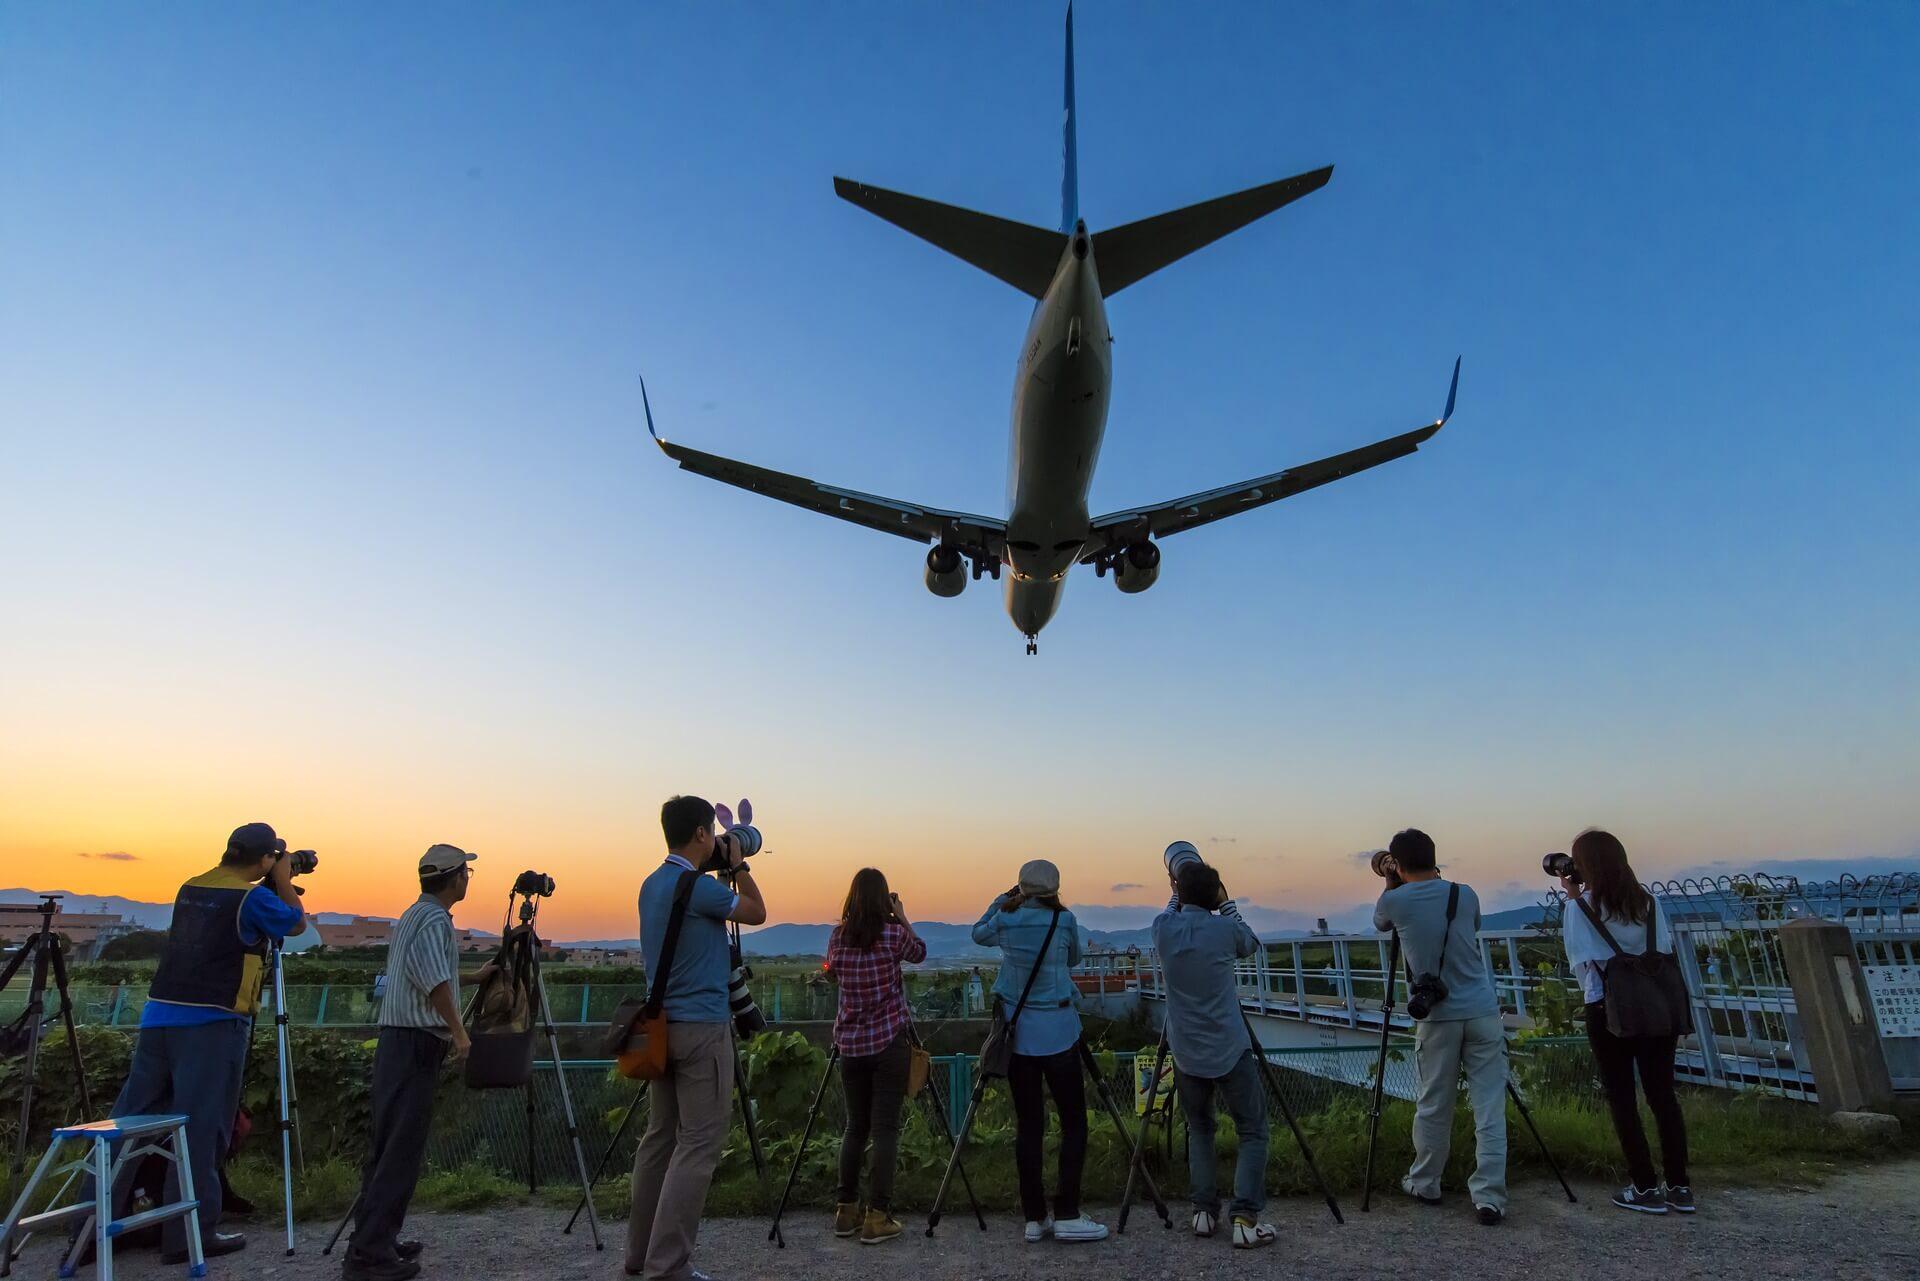 6 coisas a considerar antes de começar na fotografia de aviação